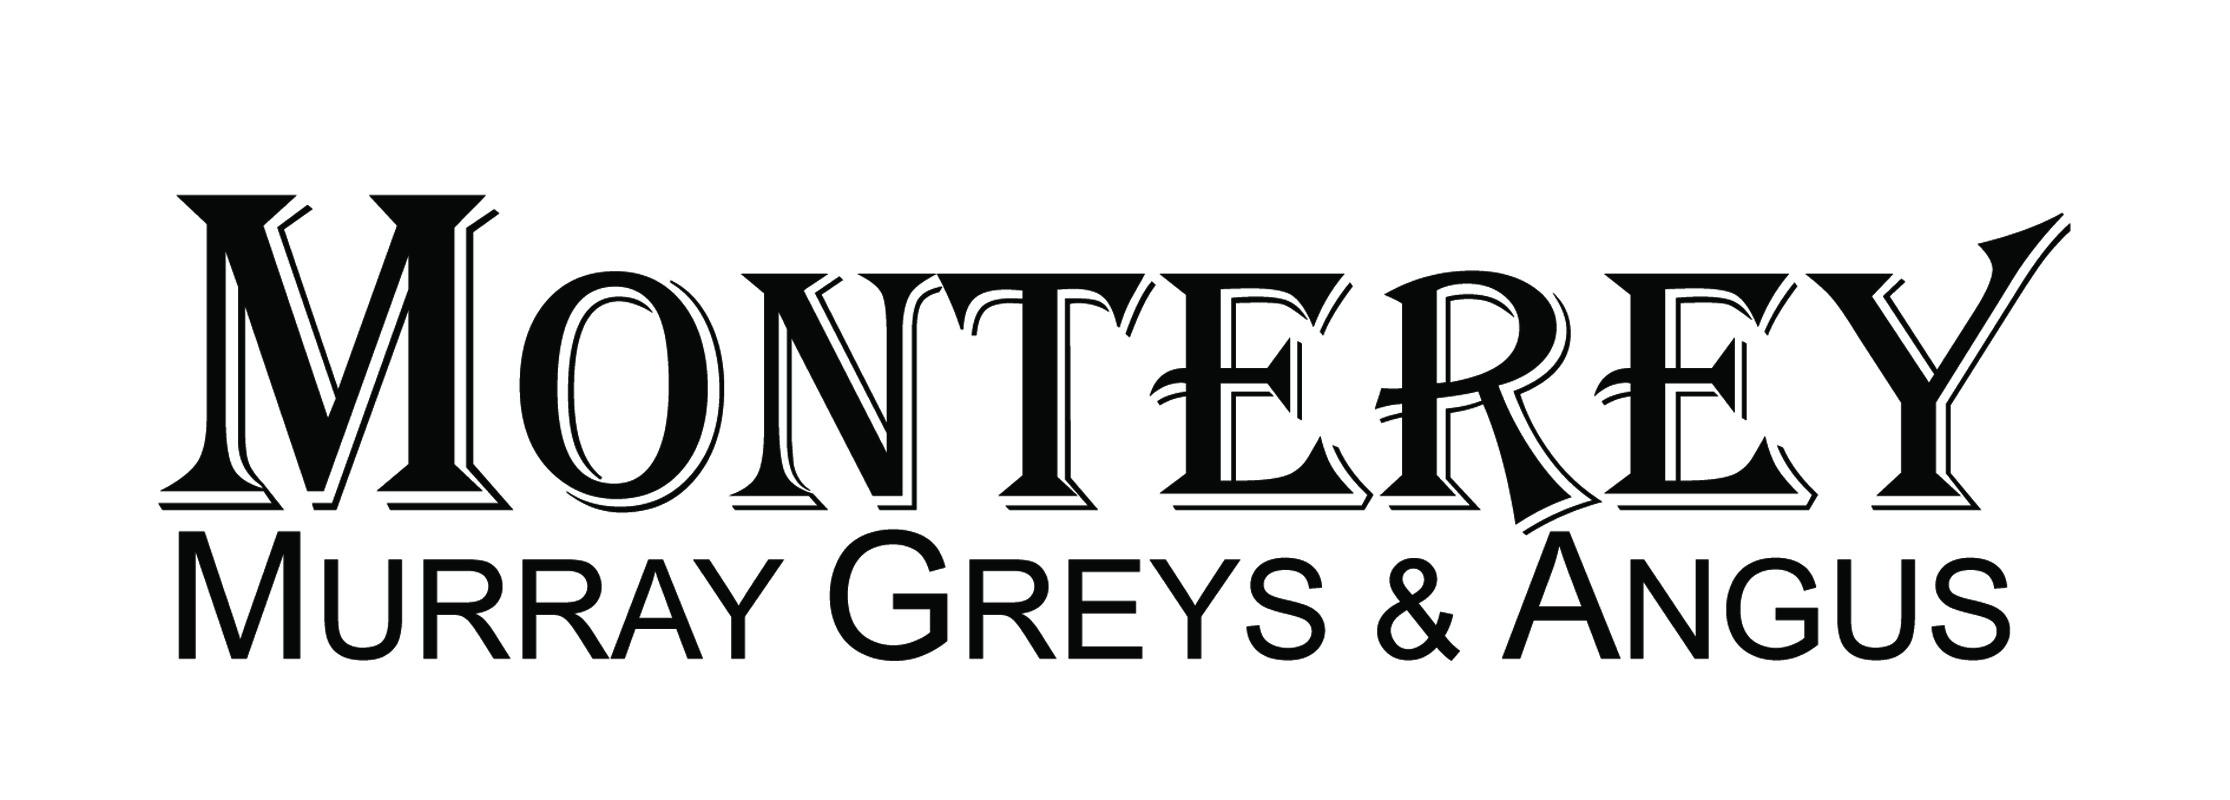 MONTEREY QUIET NITE Q253 (PB)